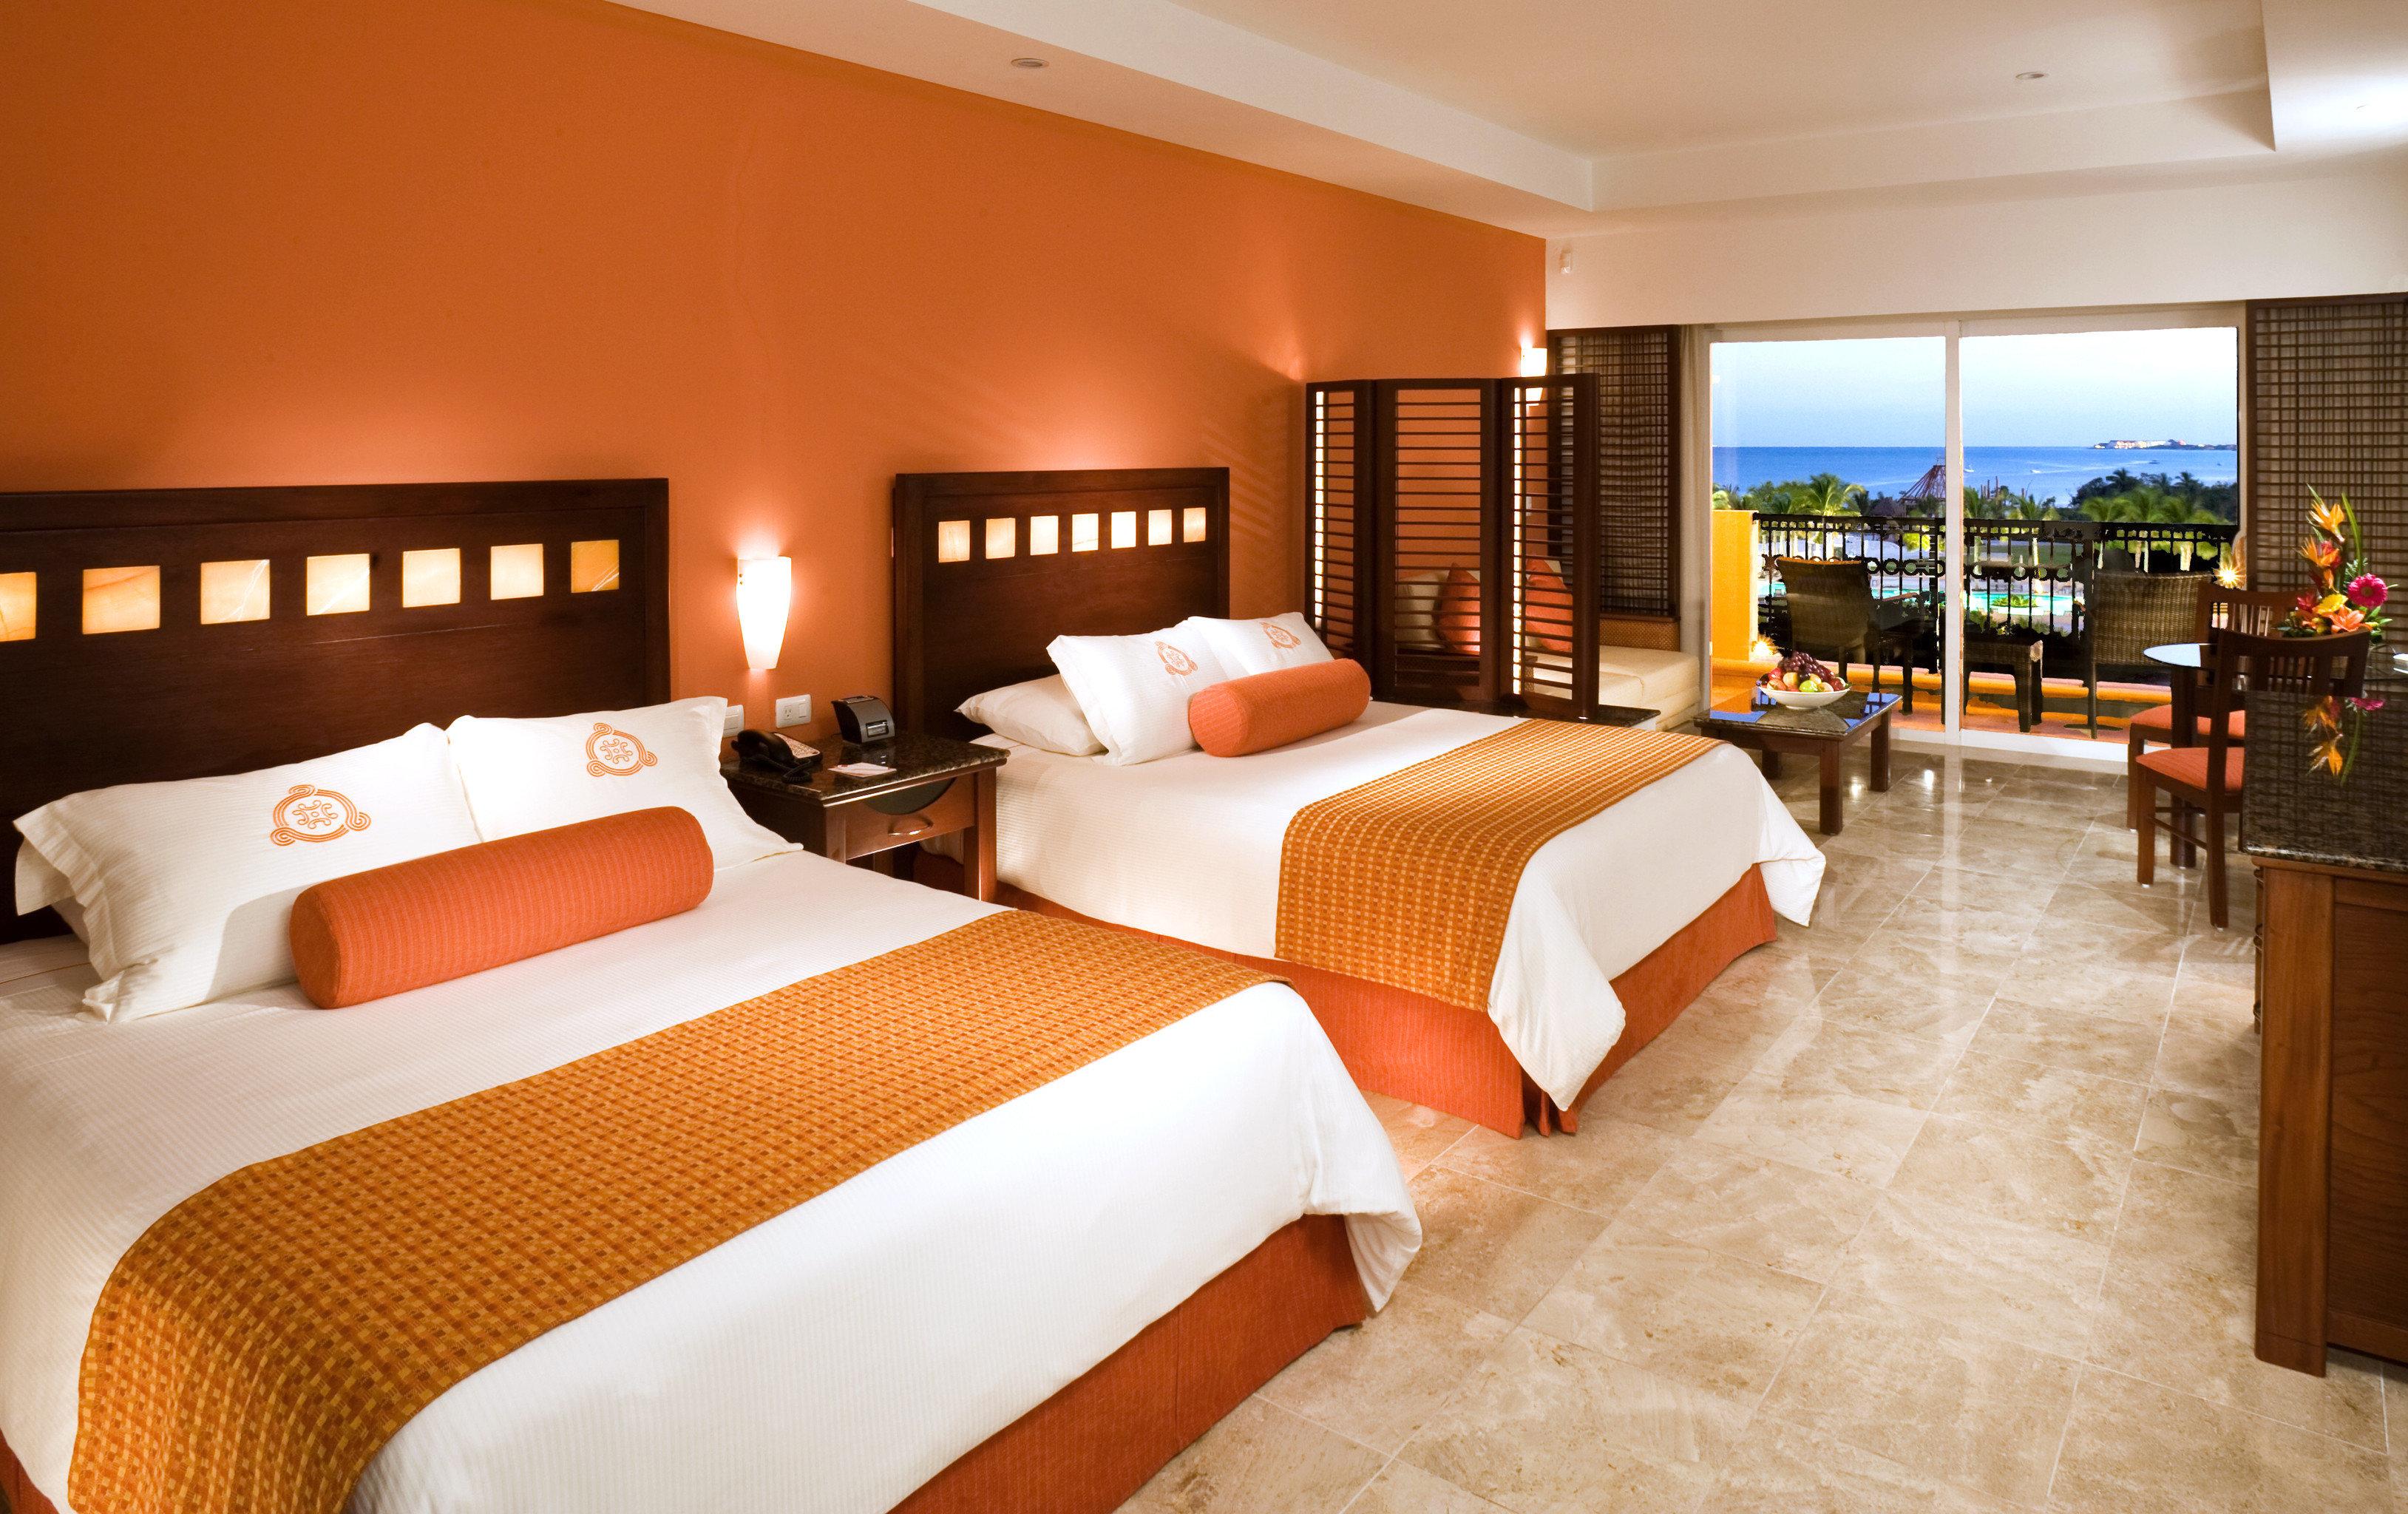 Balcony Bedroom Hip Luxury Modern Scenic views Suite property Resort